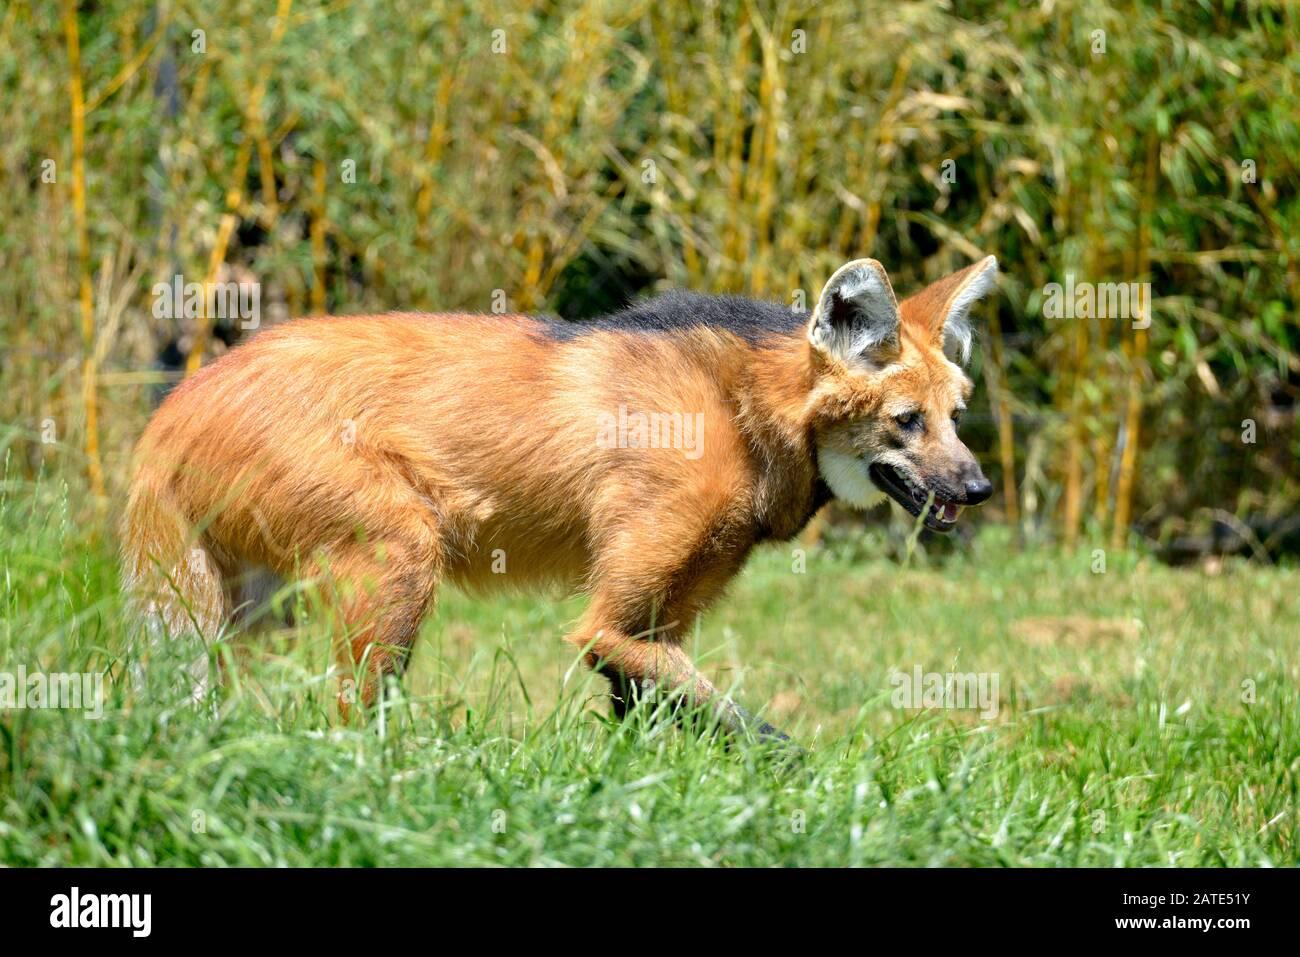 Maned Wolf (Chrysocyon brachyurus), der im Gras spaziert und vom Profil aus gesehen wird, den offenen Mund Stockfoto